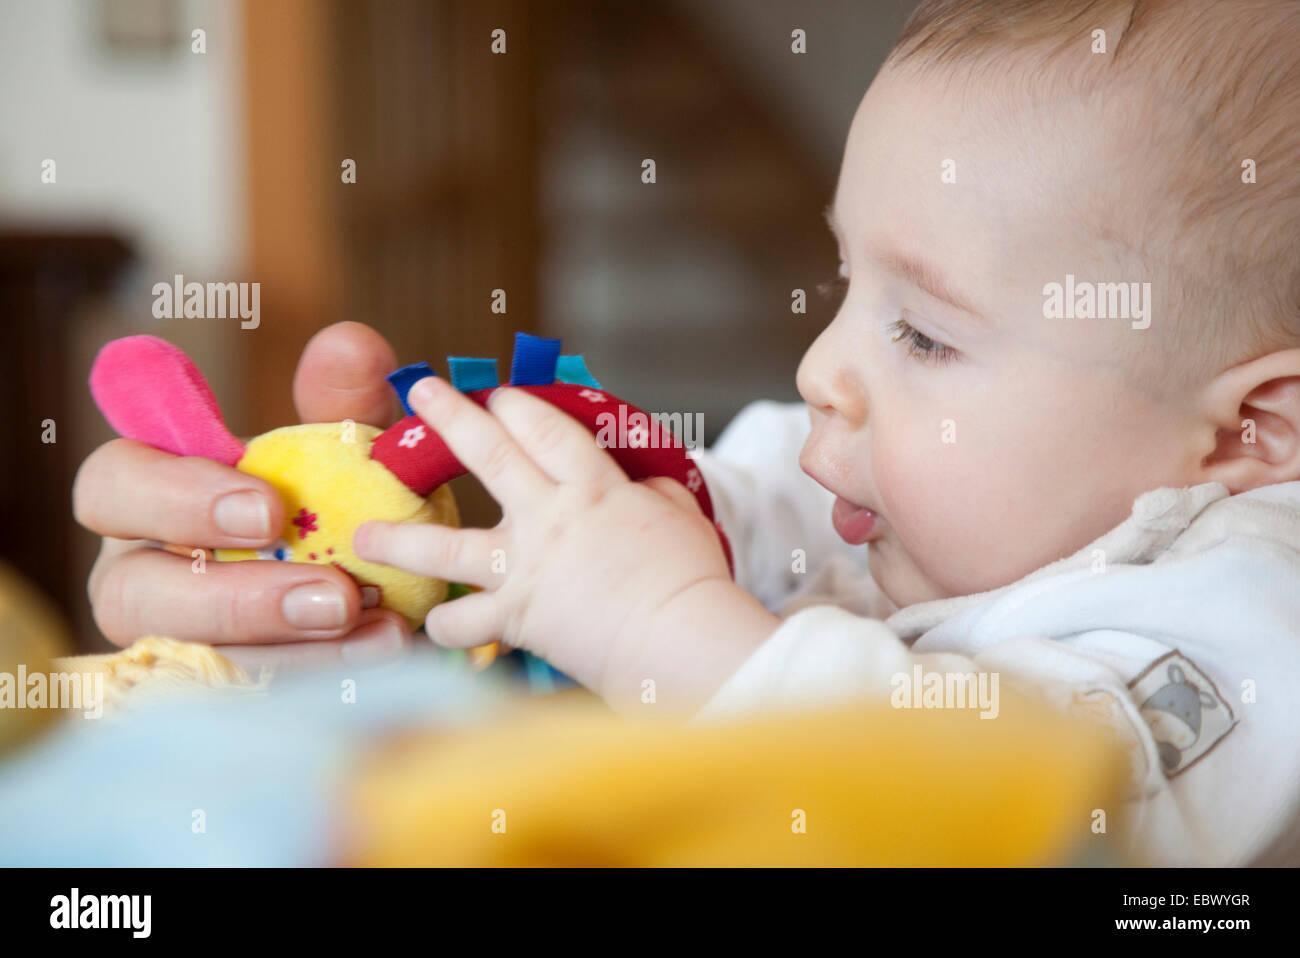 228e358ffc 5 mesi di età bambino gioca con i giocattoli Foto & Immagine Stock ...